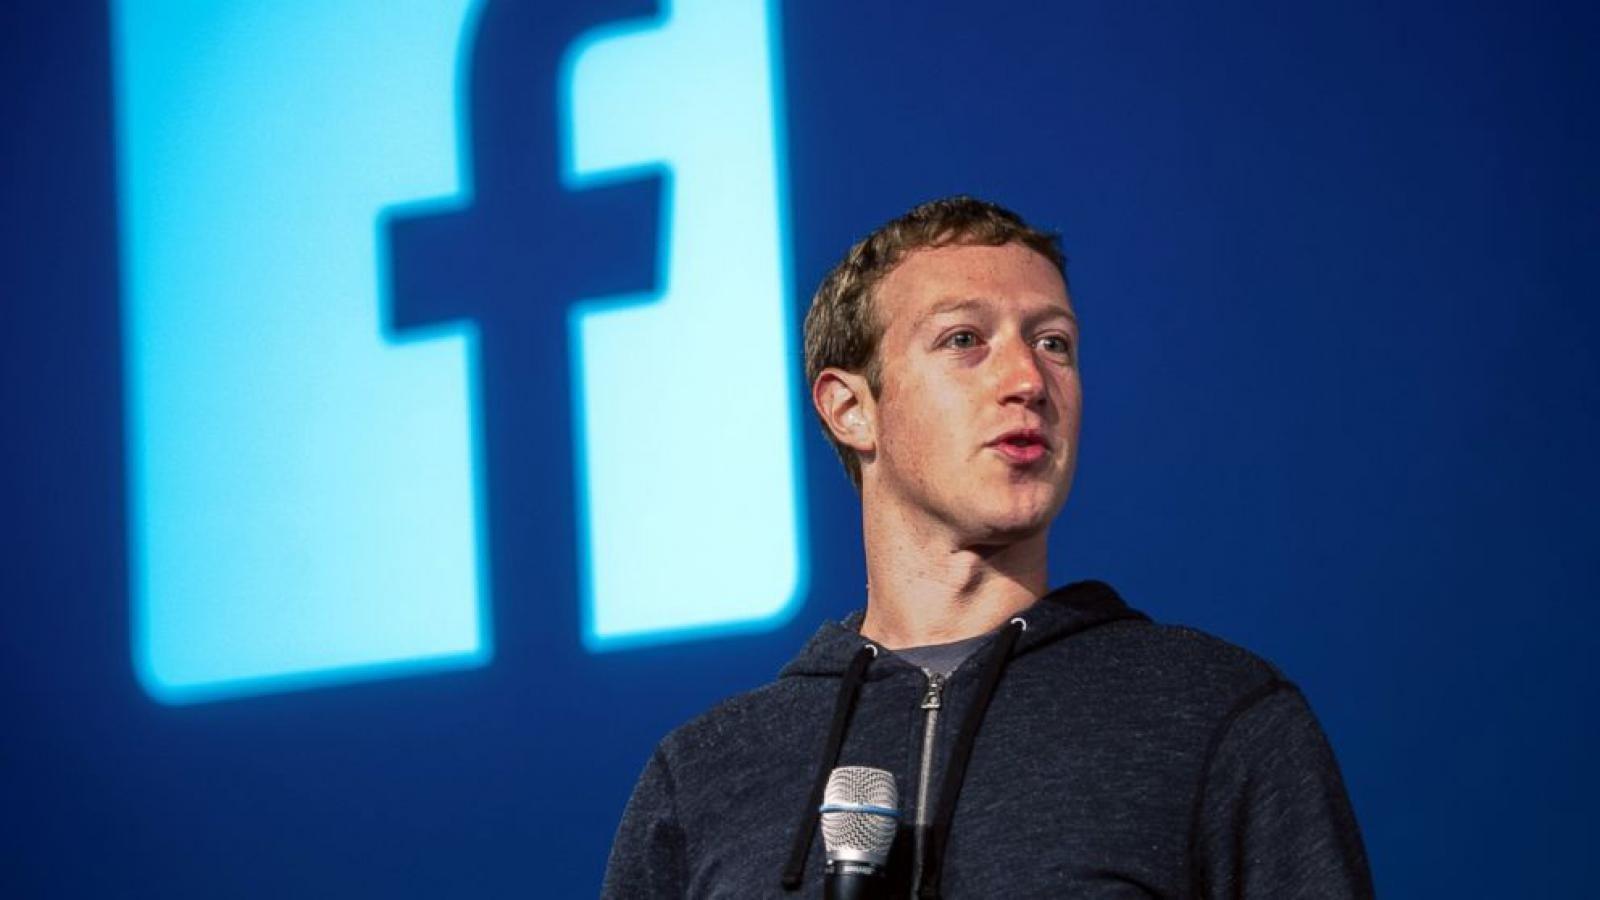 Юзеры социальная сеть Facebook сами определят, каким новостным ресурсам полагаться